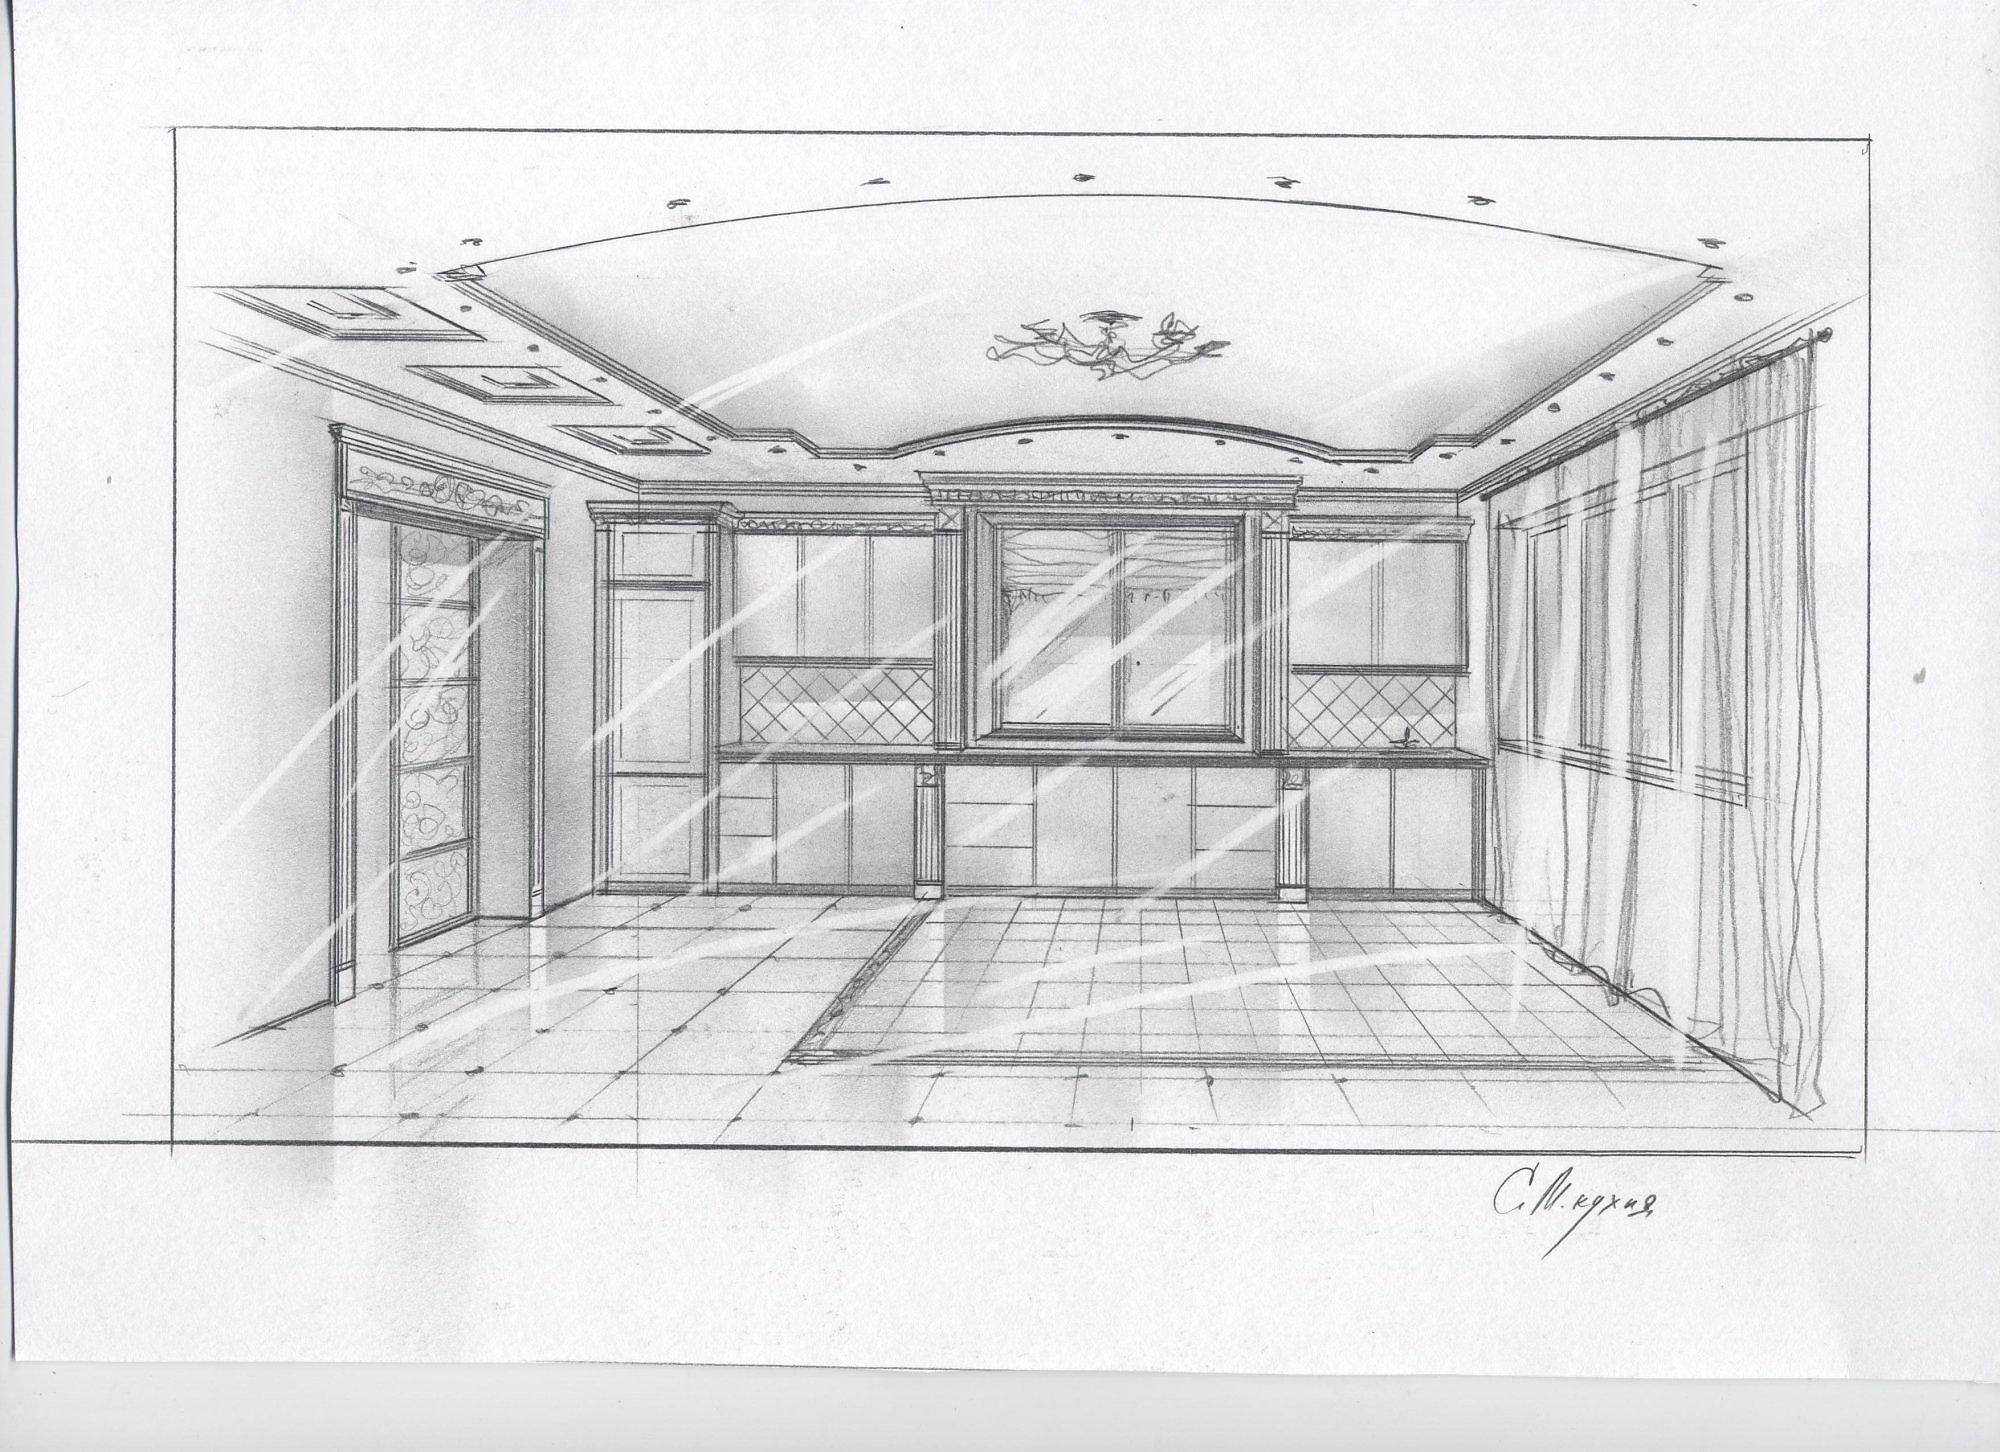 рисунок дом внутри карандашом поэтапно для начинающих намекнул, что любитель